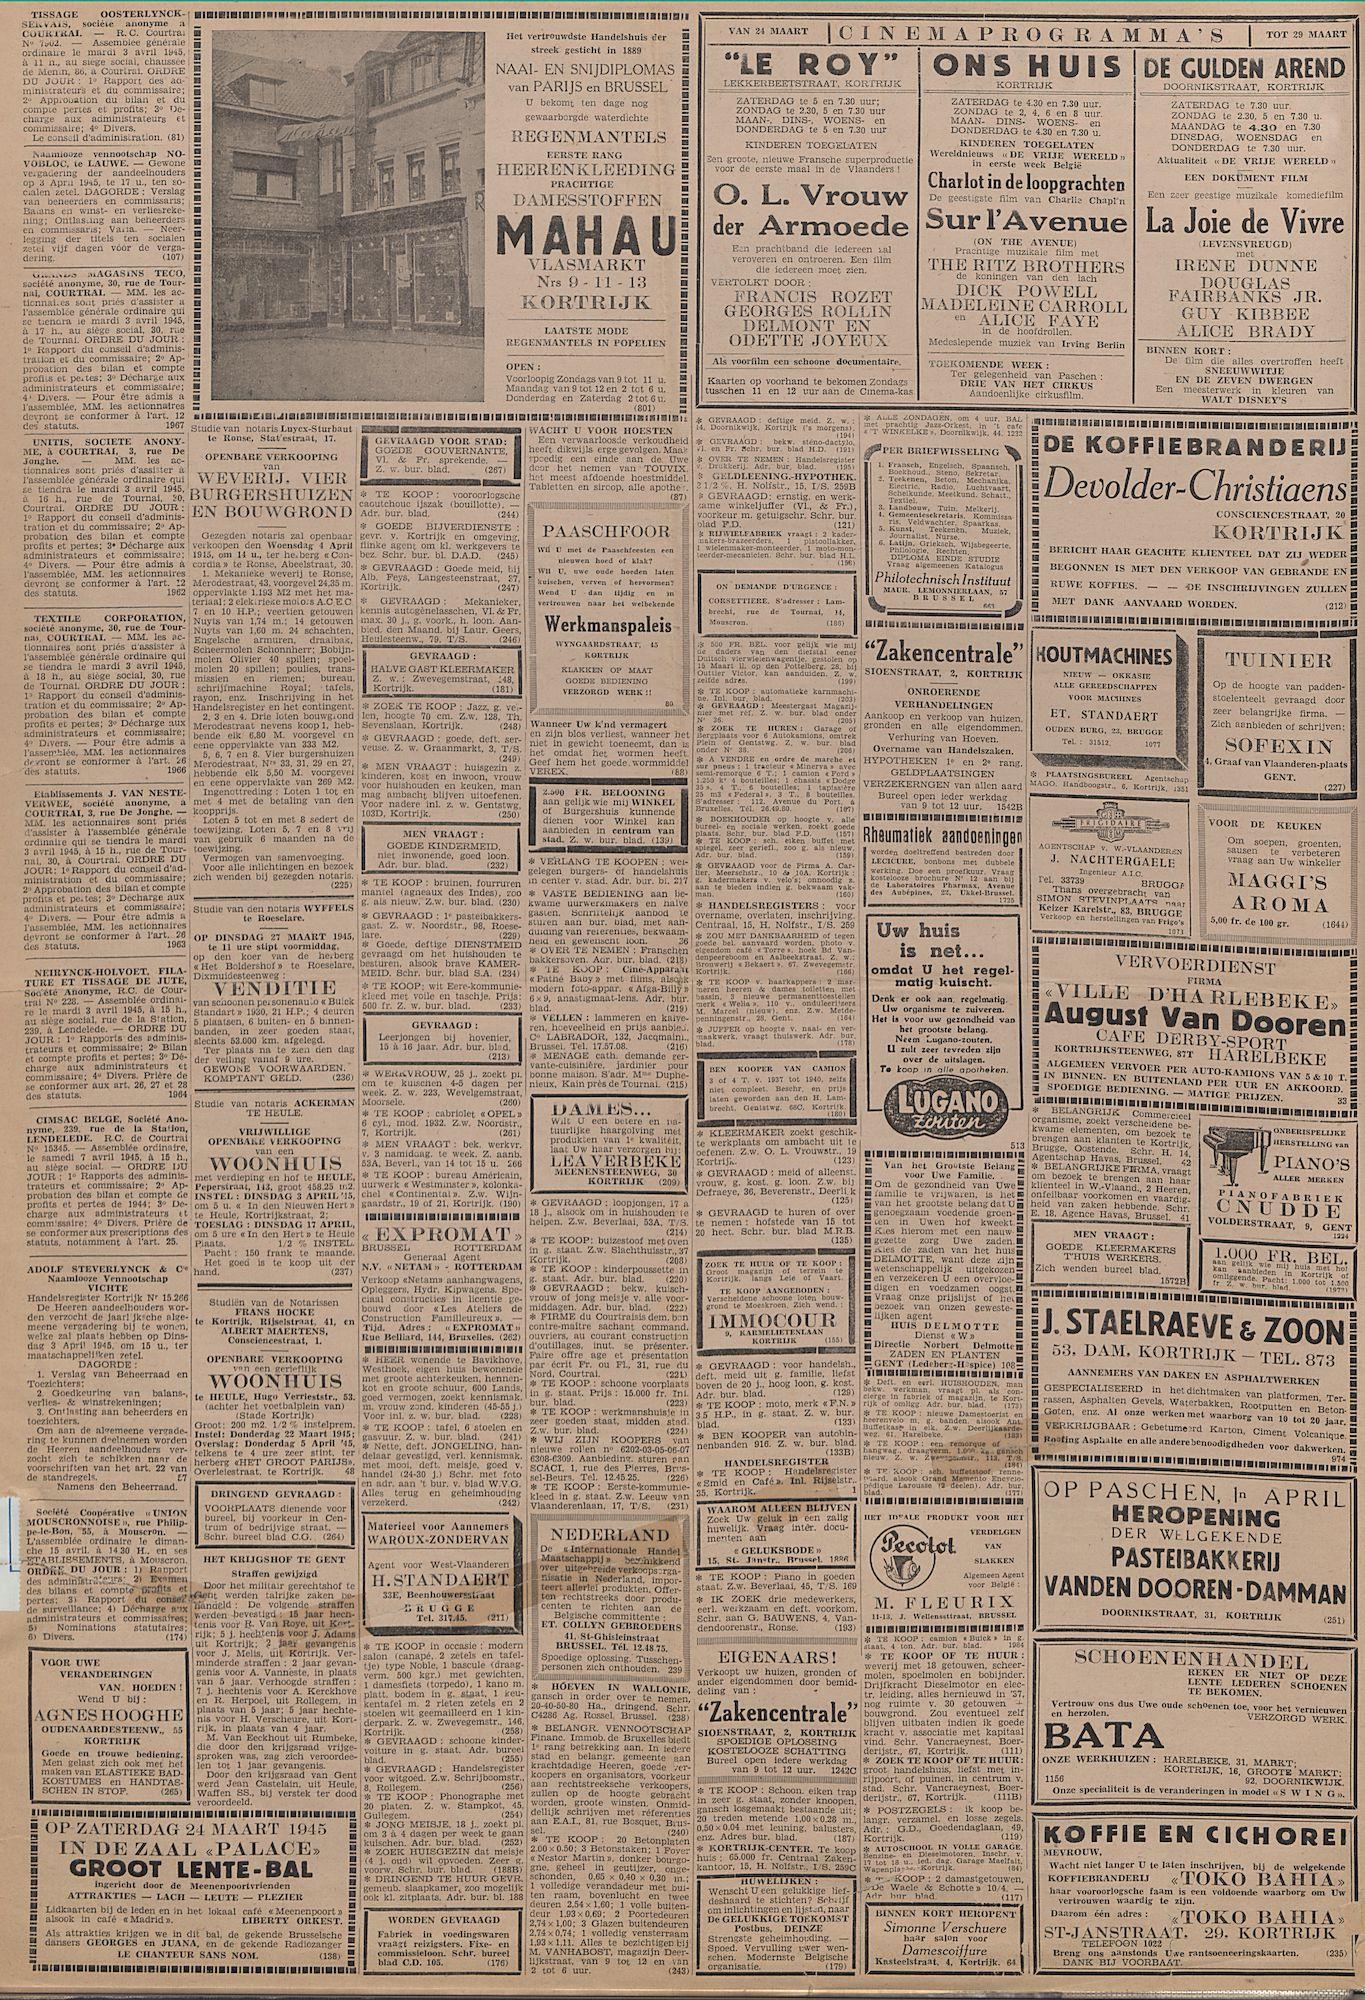 Kortrijksch Handelsblad 24 maart 1945 Nr24 p2